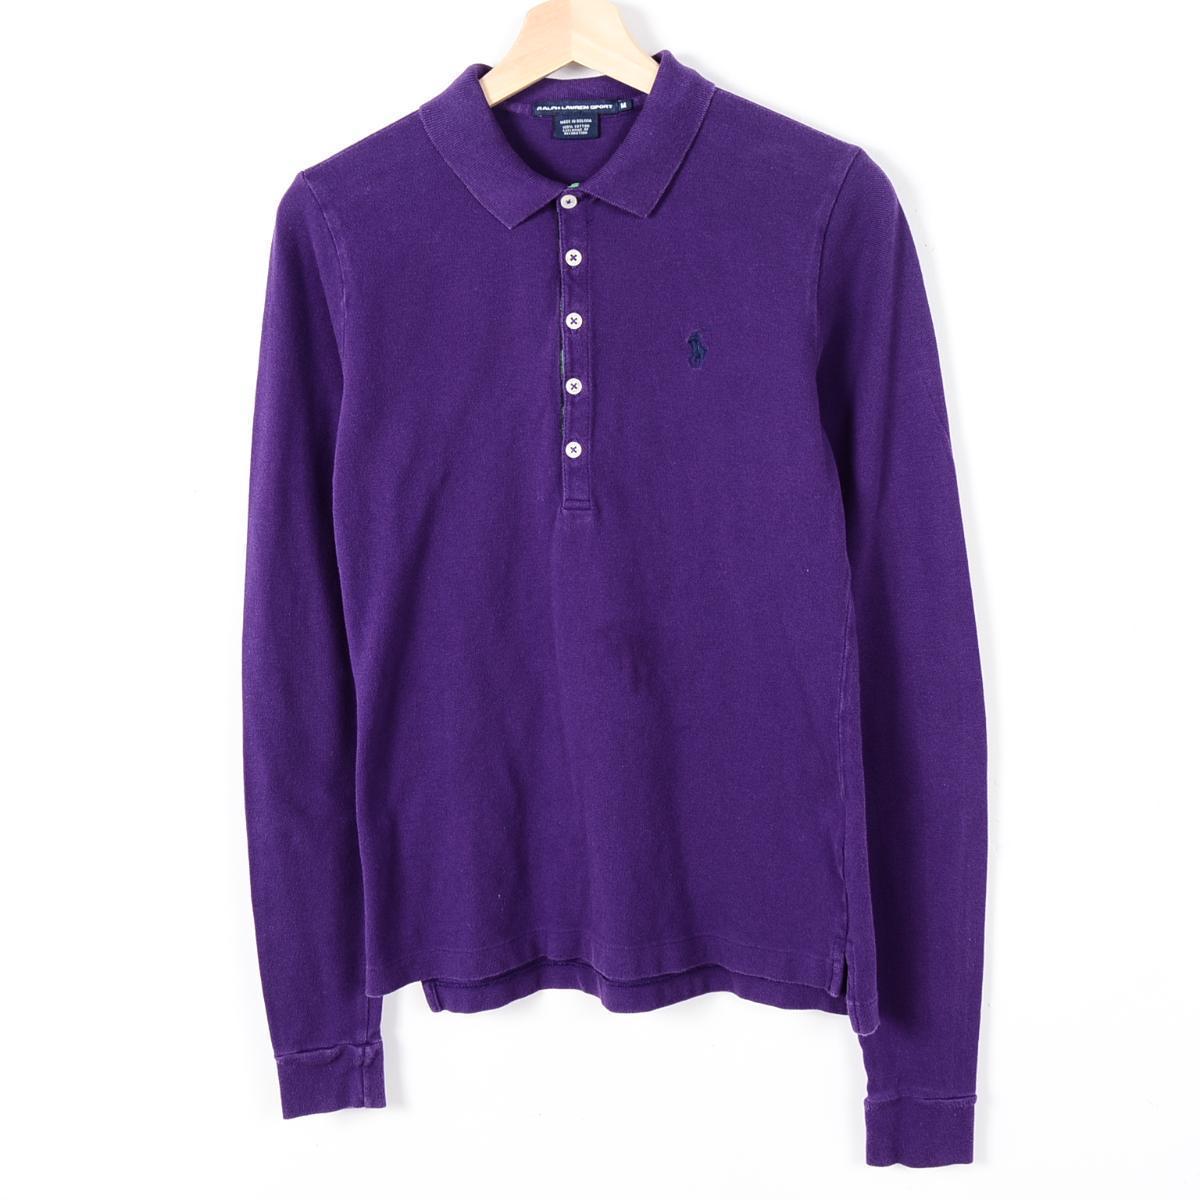 Ralph Lauren RALPH LAUREN SPORT long sleeves polo shirt Lady\u0026#39;s L Ralph Lauren /wer0659 160513